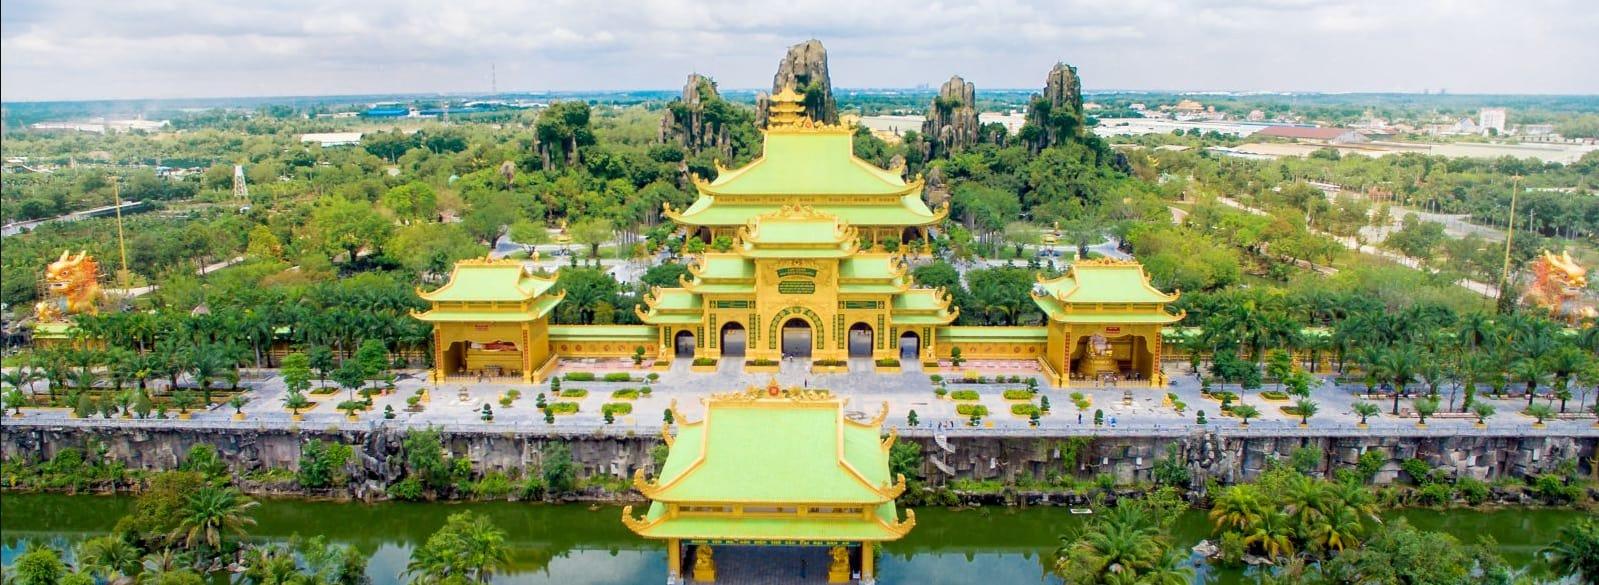 Toàn cảnh khu du lịch Đại Nam gần Sài Gòn